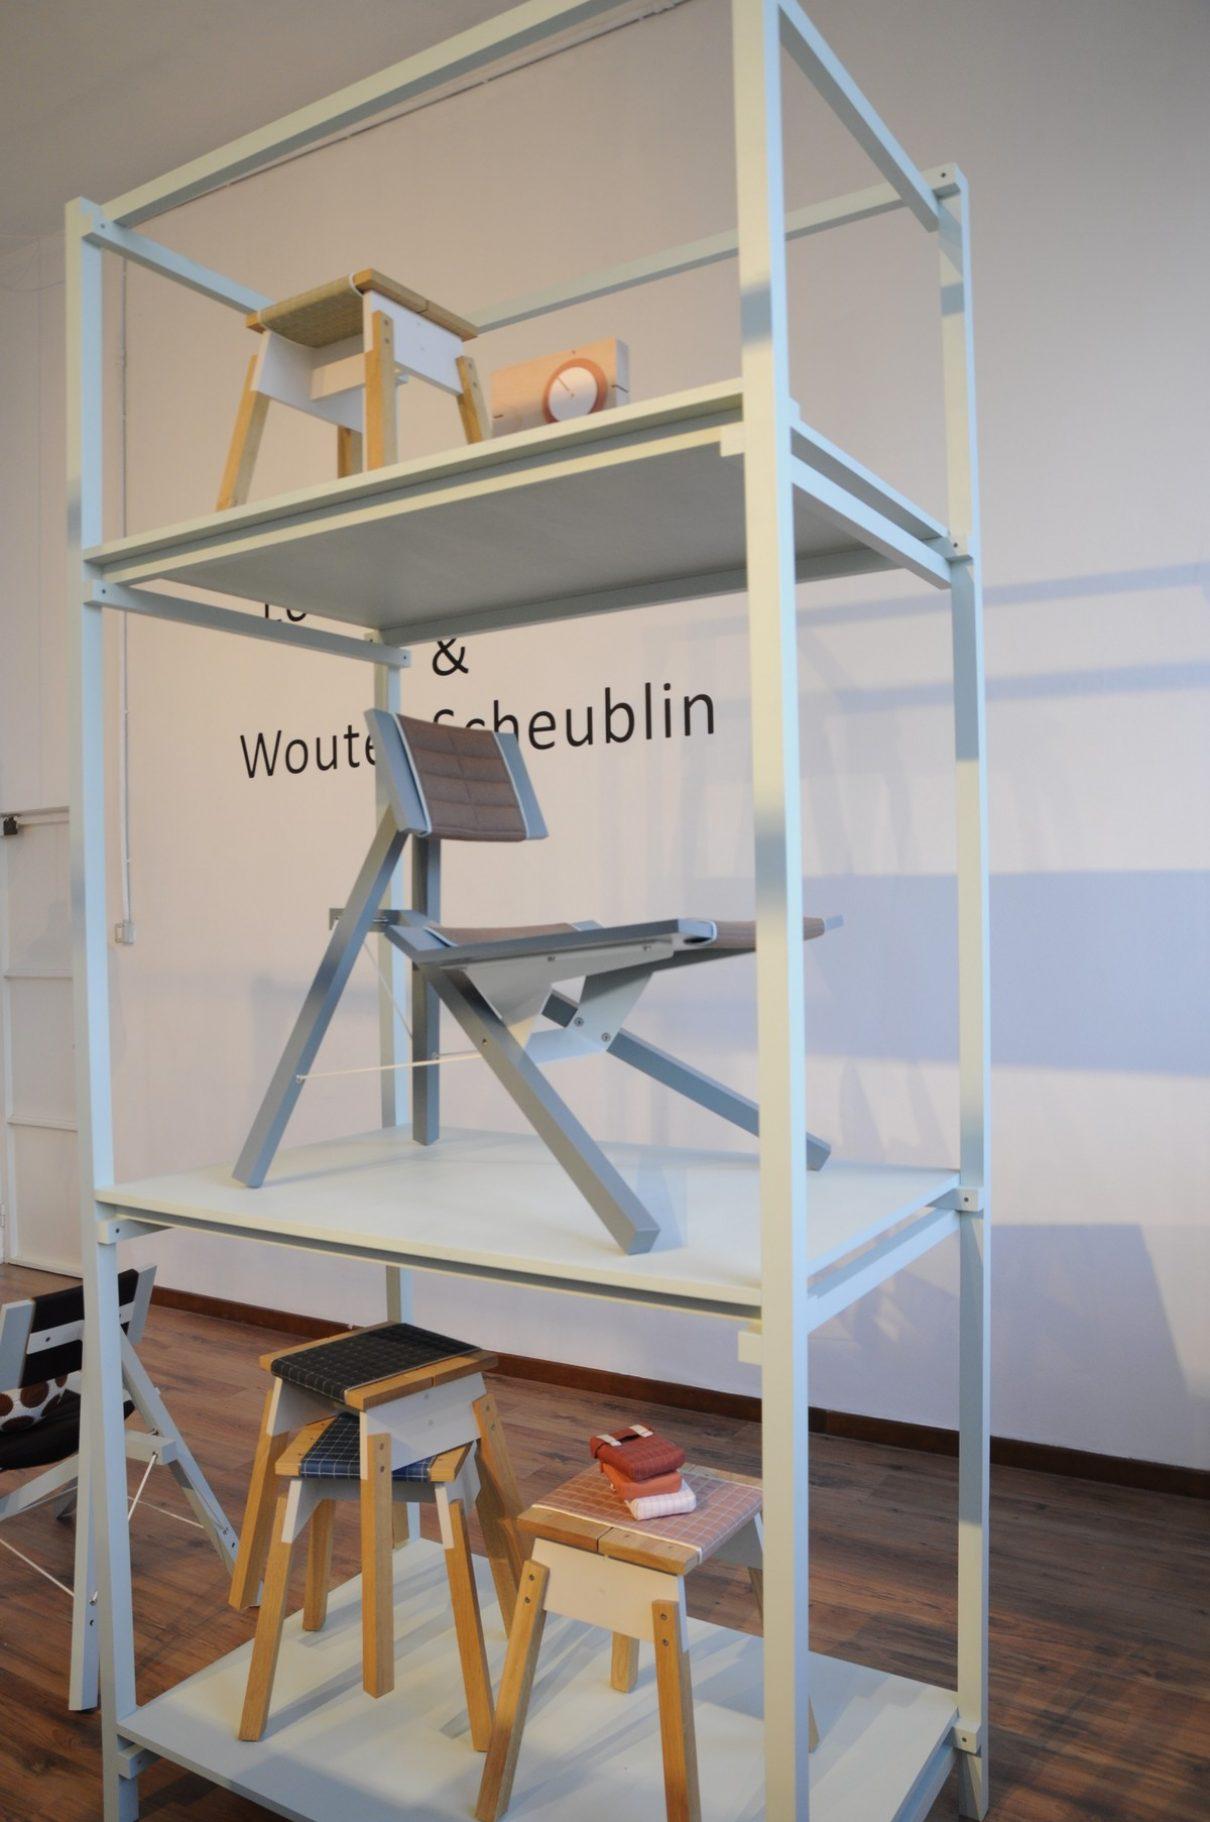 Lotty Lindeman & Wouter Scheublin